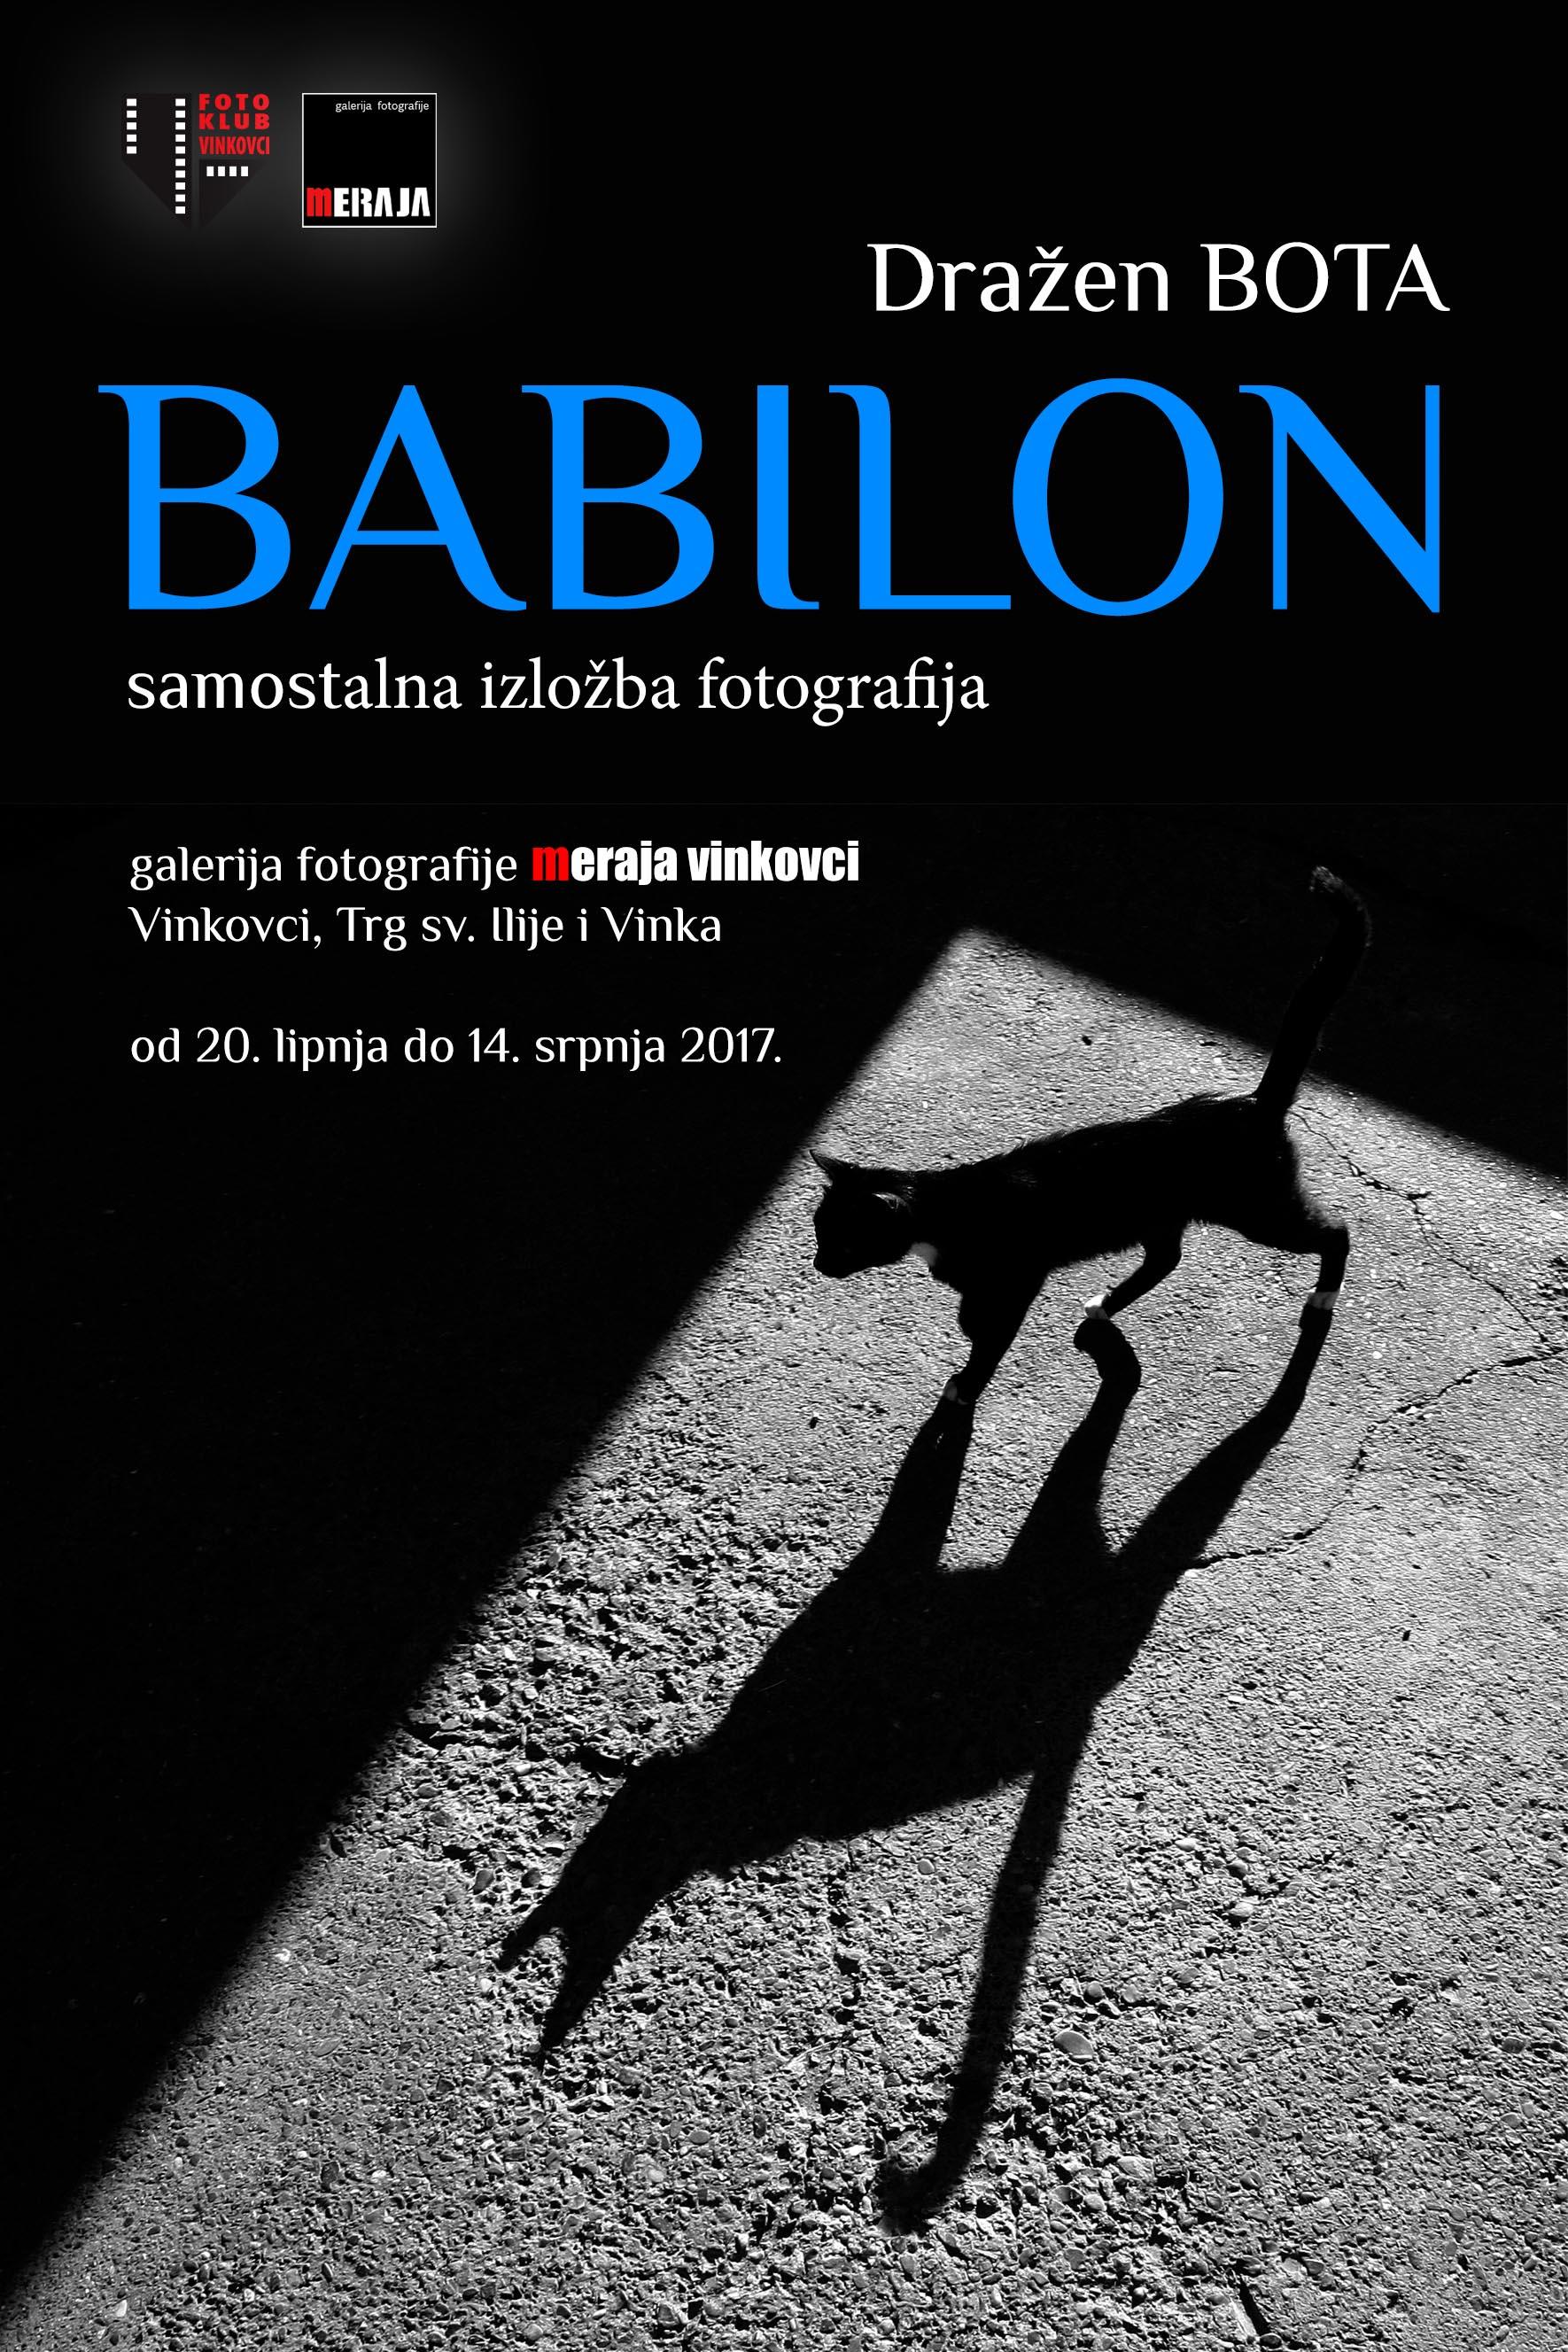 BABILON plakat